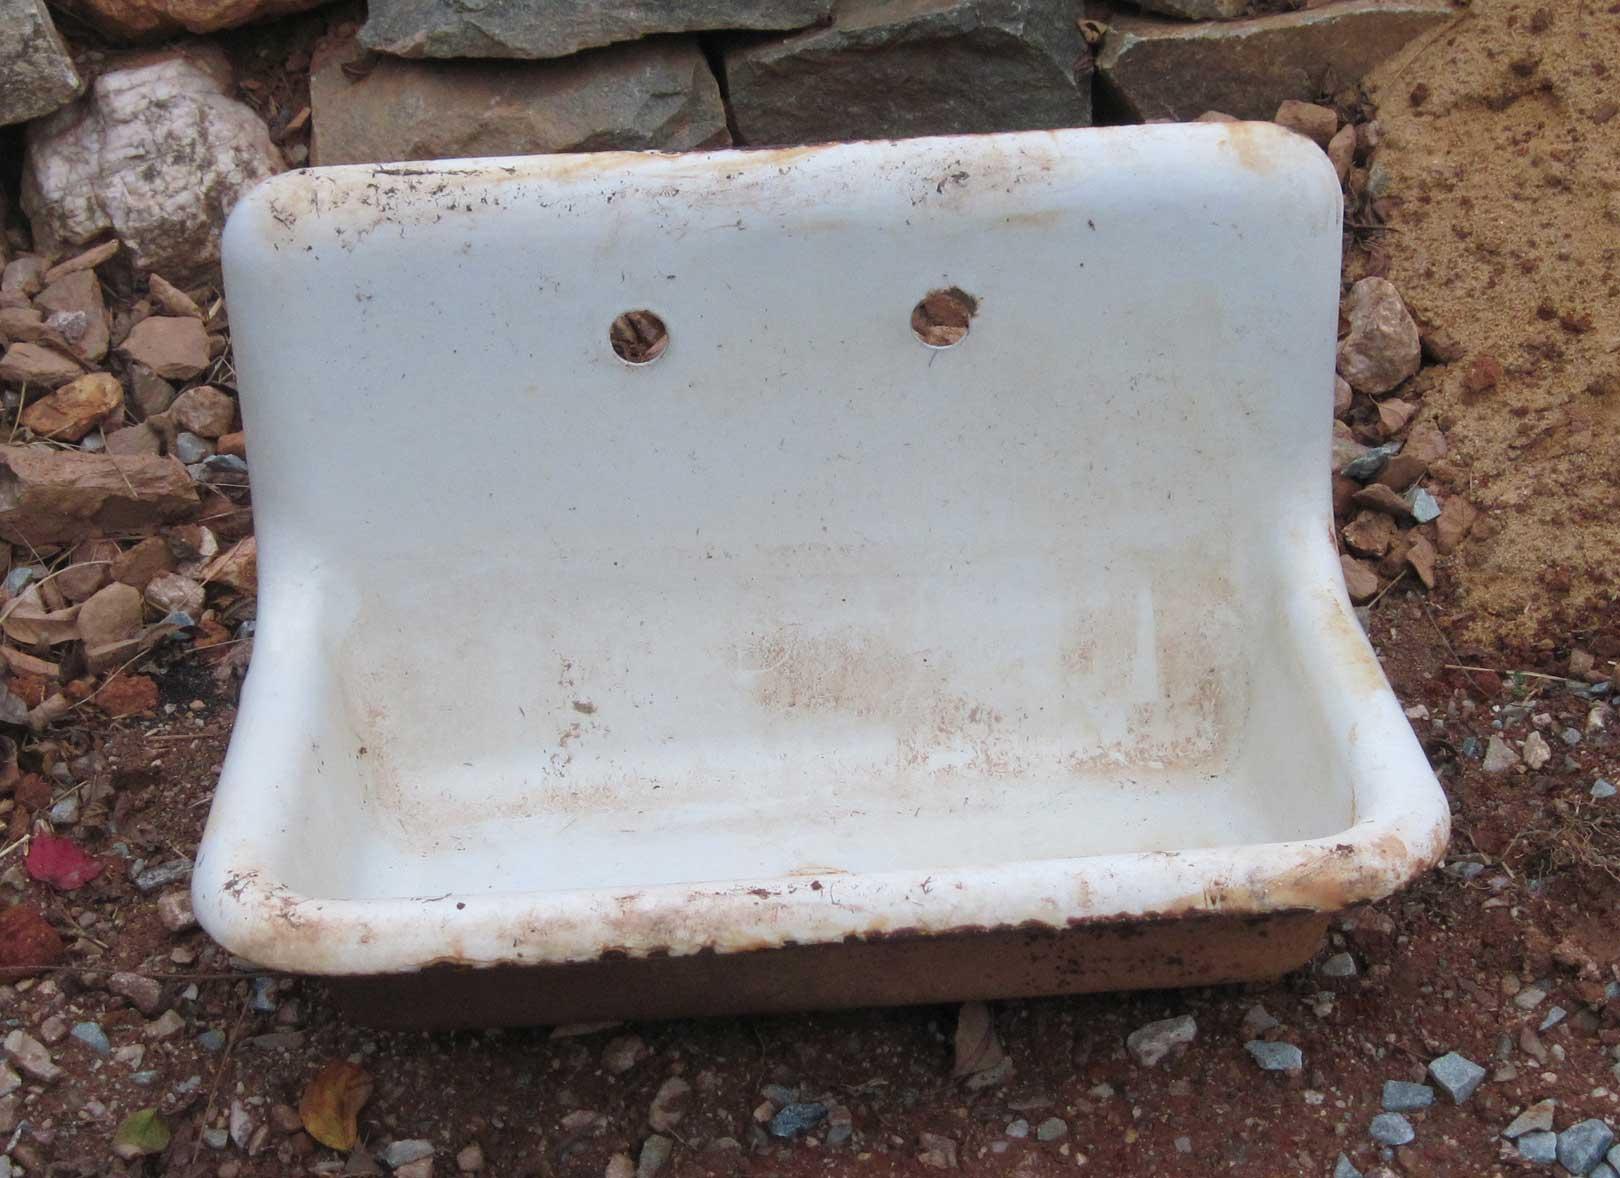 cast iron sink as a work of art